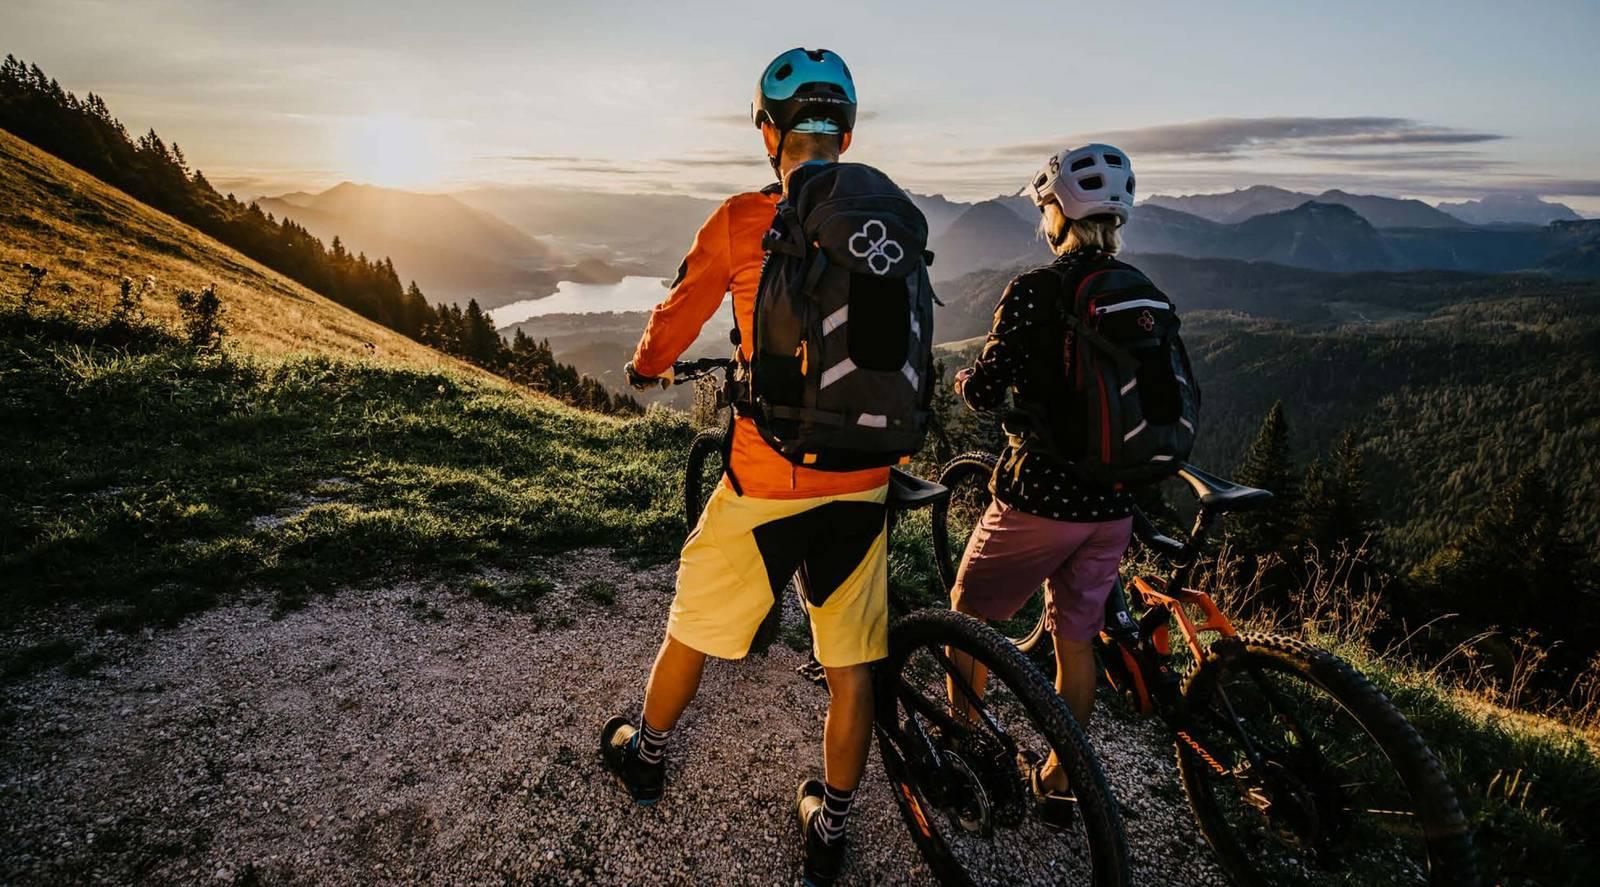 Zwei Biker schauen dem Sonnenuntergang entgegen.